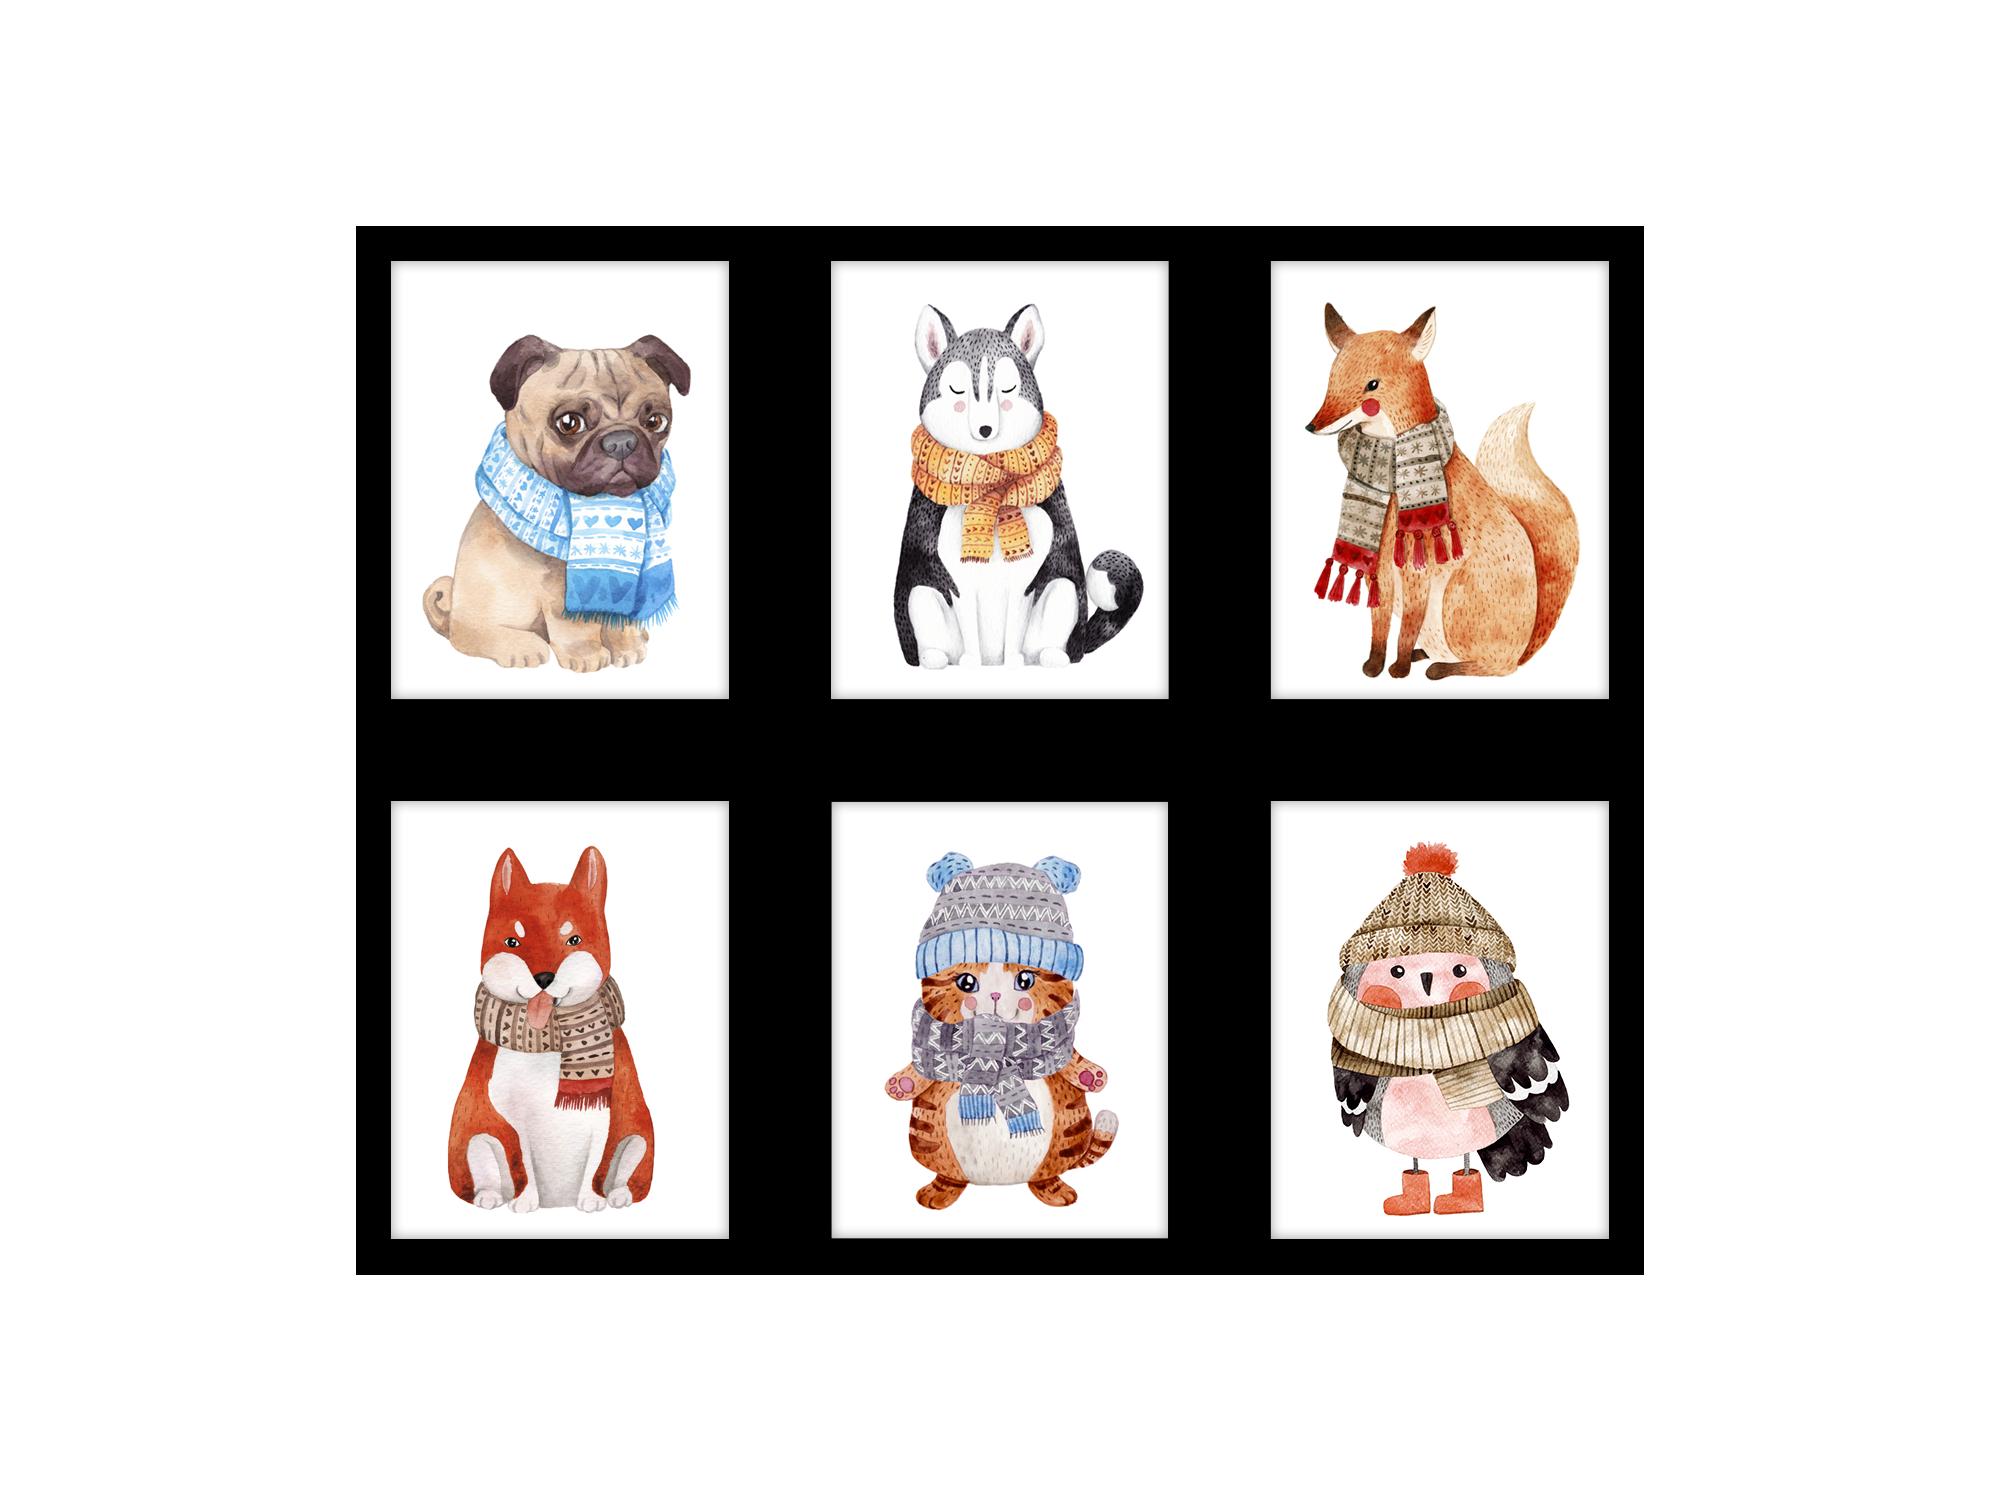 Tranh trang trí phòng trẻ em Winter animal